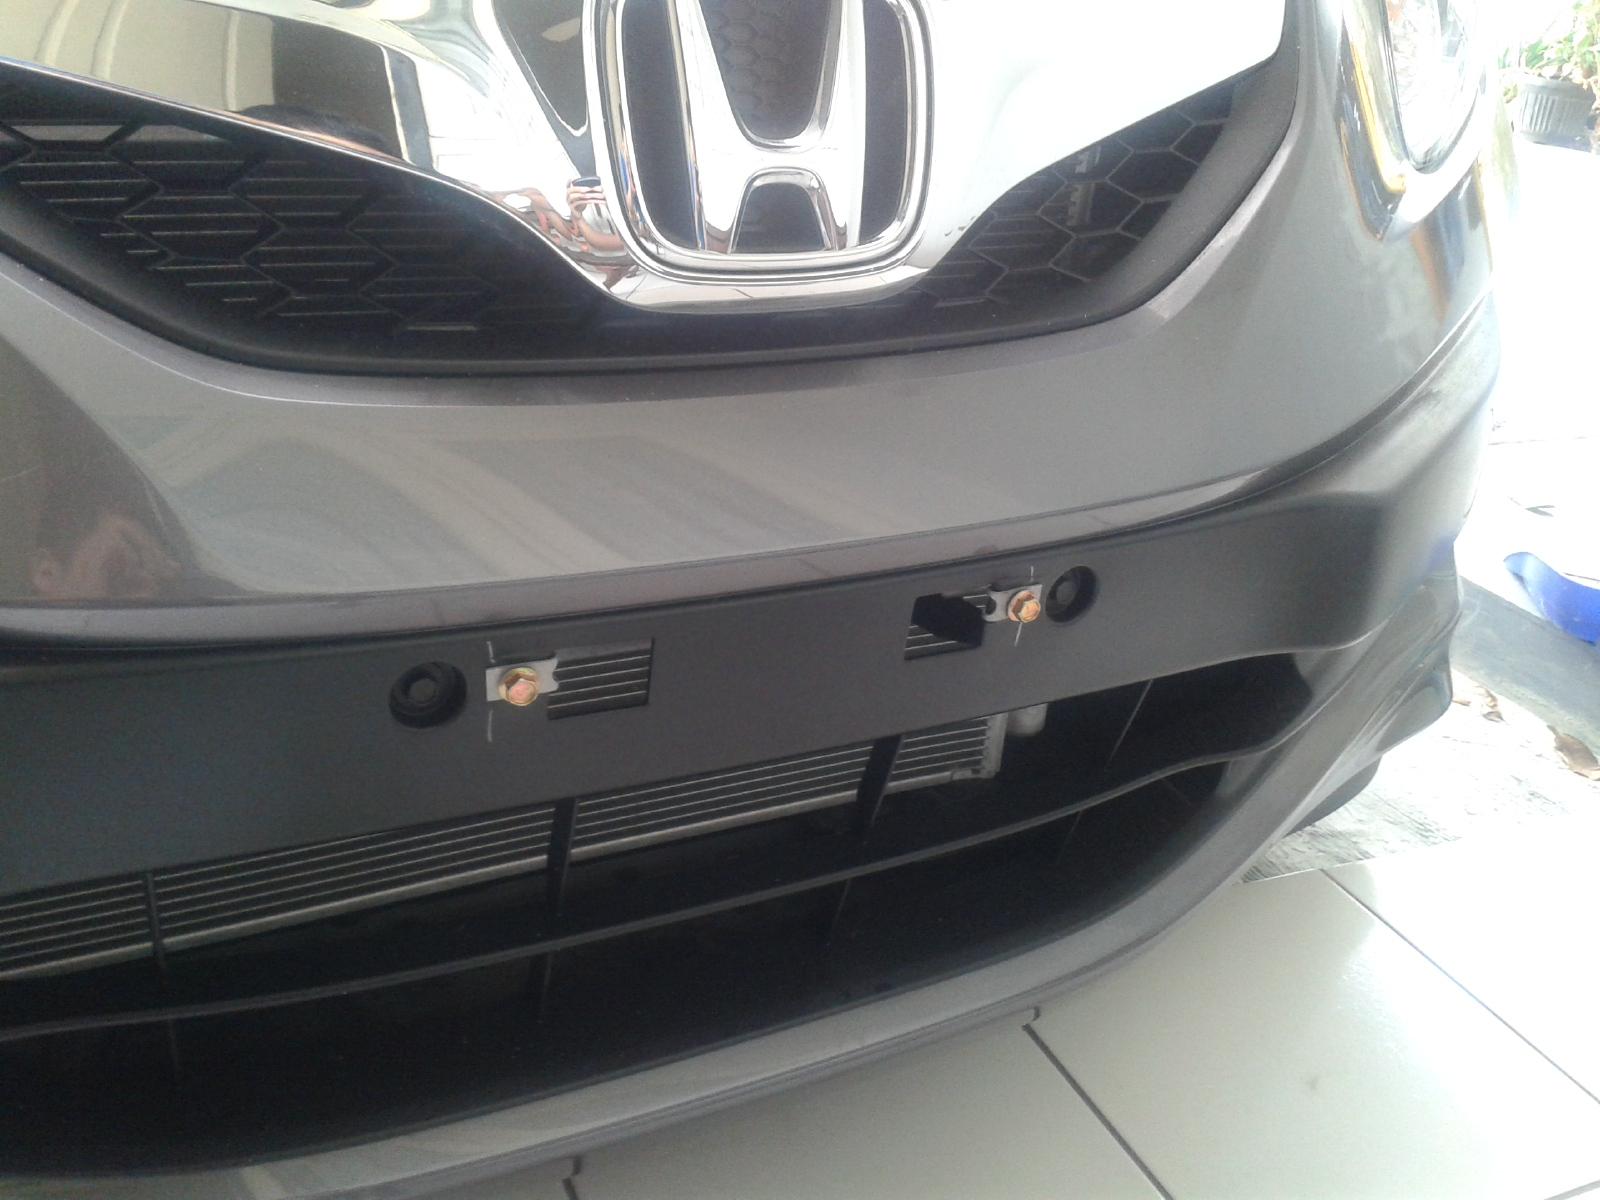 Cara Memasang Plat Nomor Mobil Frame Cover Bingkai Motor Tempat Nomer Brio Satya S Depan